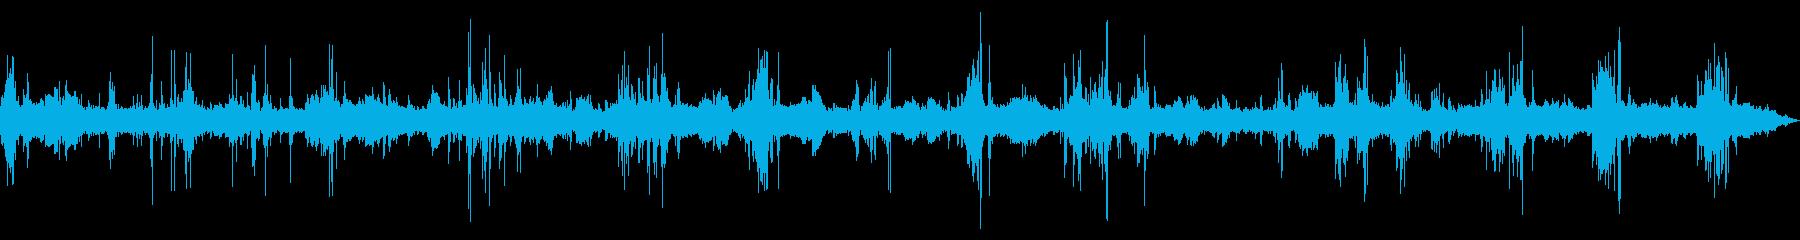 [生録音]工事現場01(大型重機)の再生済みの波形